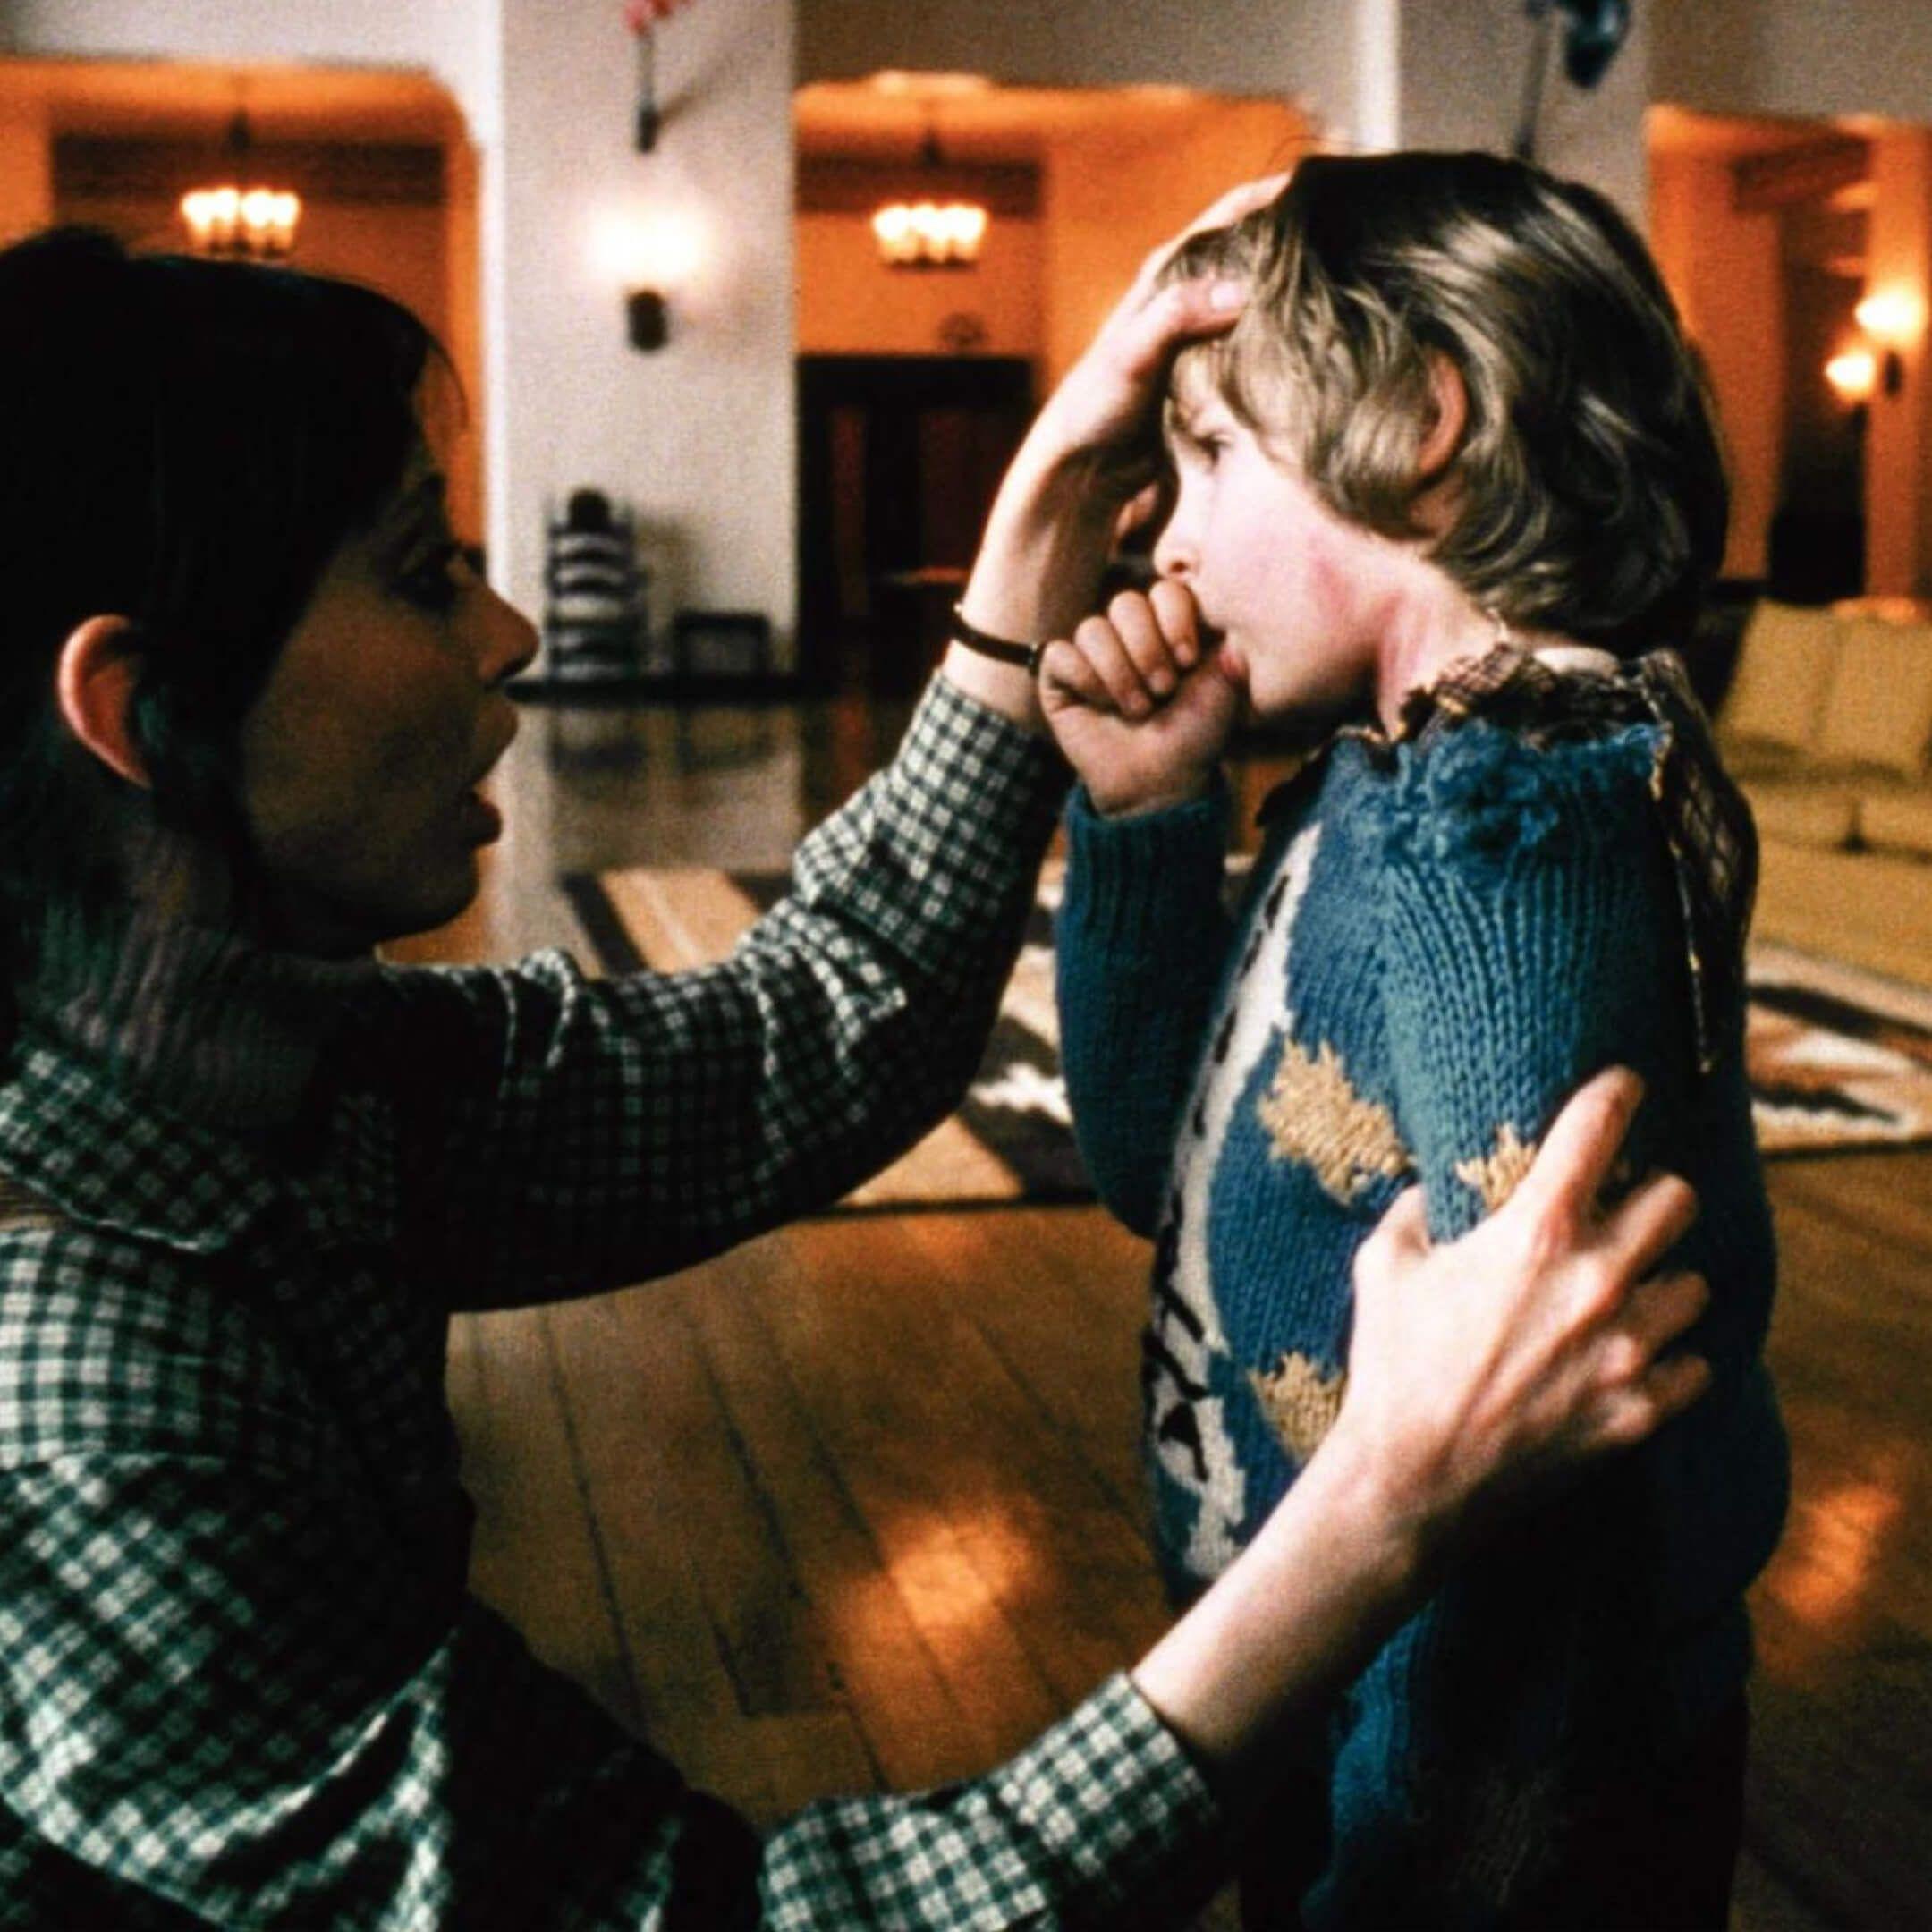 Кадр изфильма «Сияние». Режиссер Стэнли Кубрик, 1980год. Источник: imbd.com